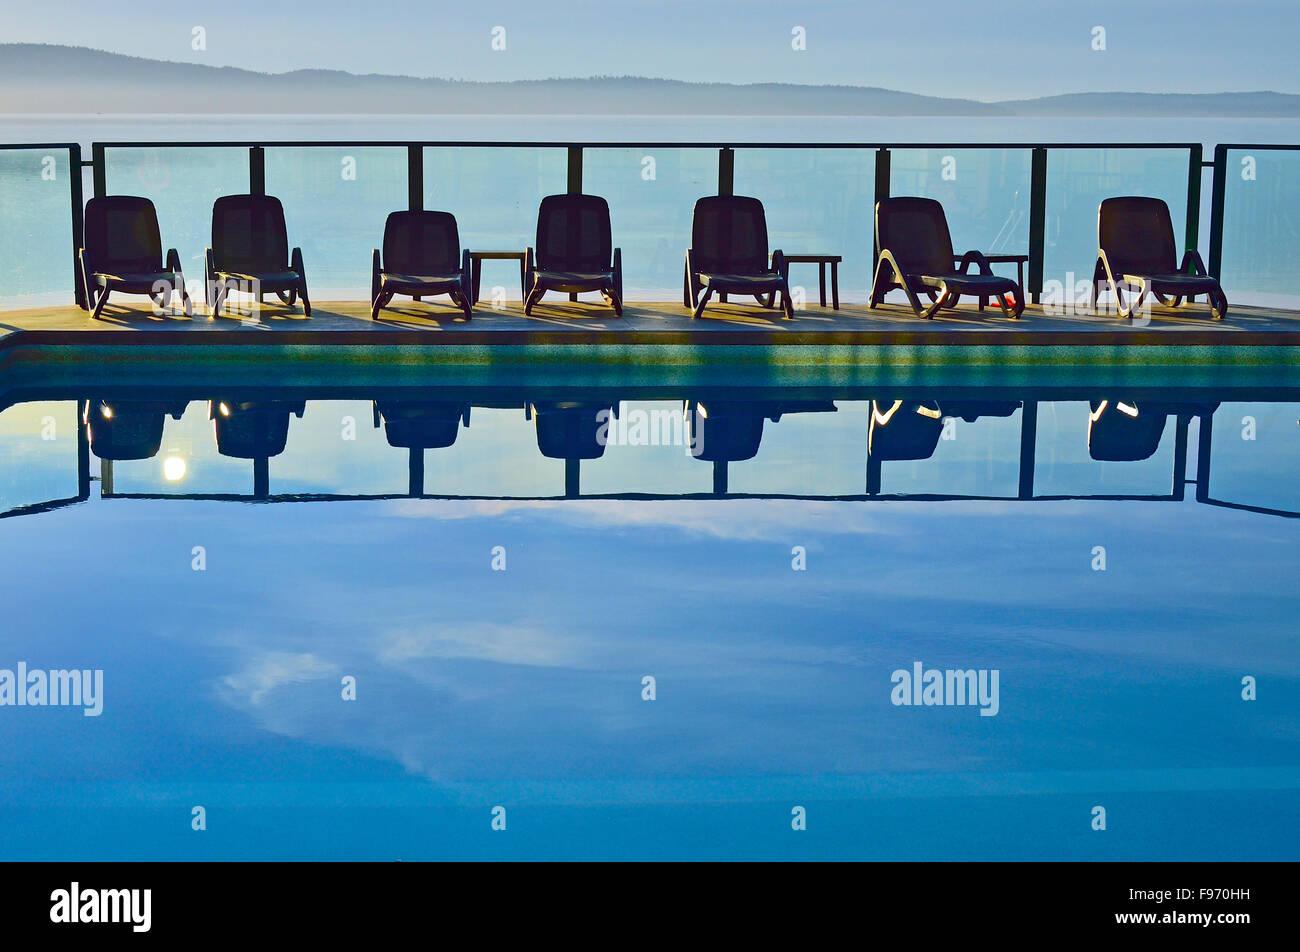 Un'immagine orizzontale di una linea di sedie in una piscina esterna al vacation resort sull'Isola di Vancouver Immagini Stock